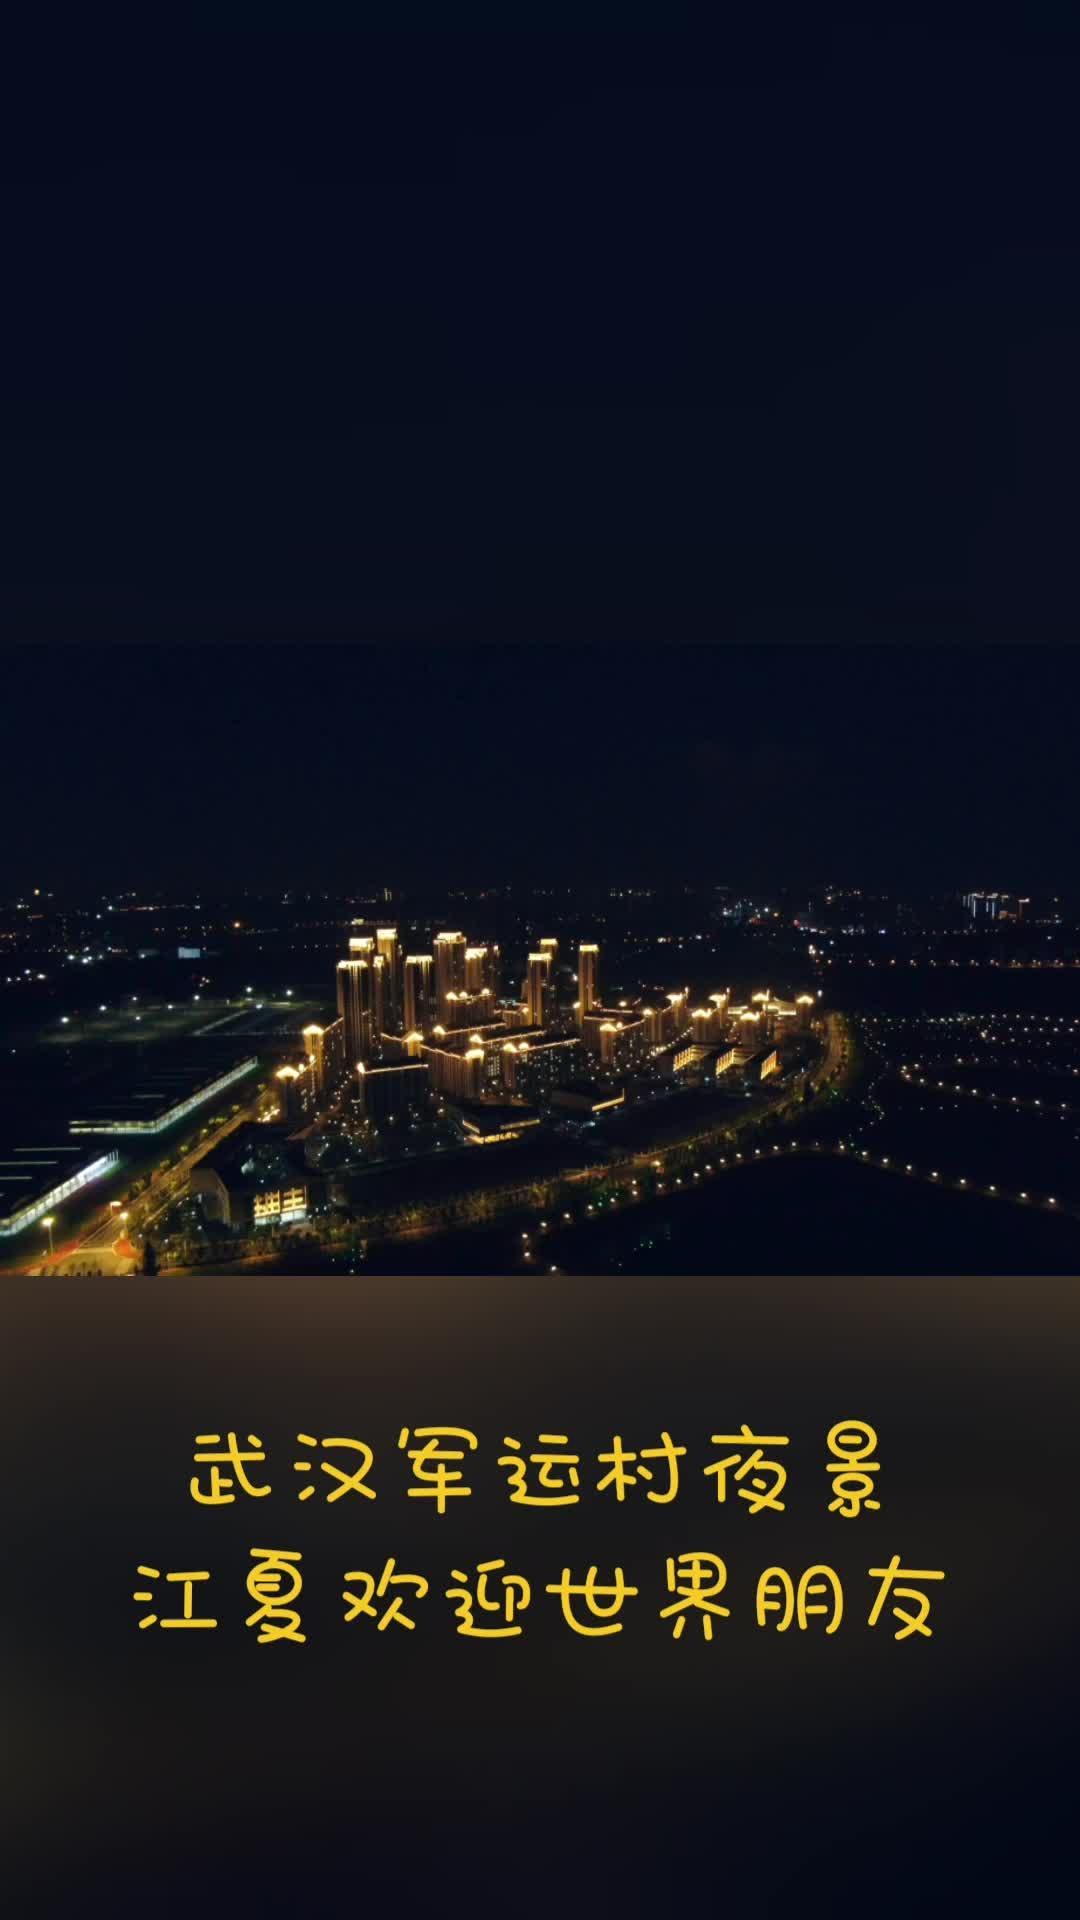 """武汉江夏准备好了!""""军运村""""超美夜景,迎接世界朋友!"""